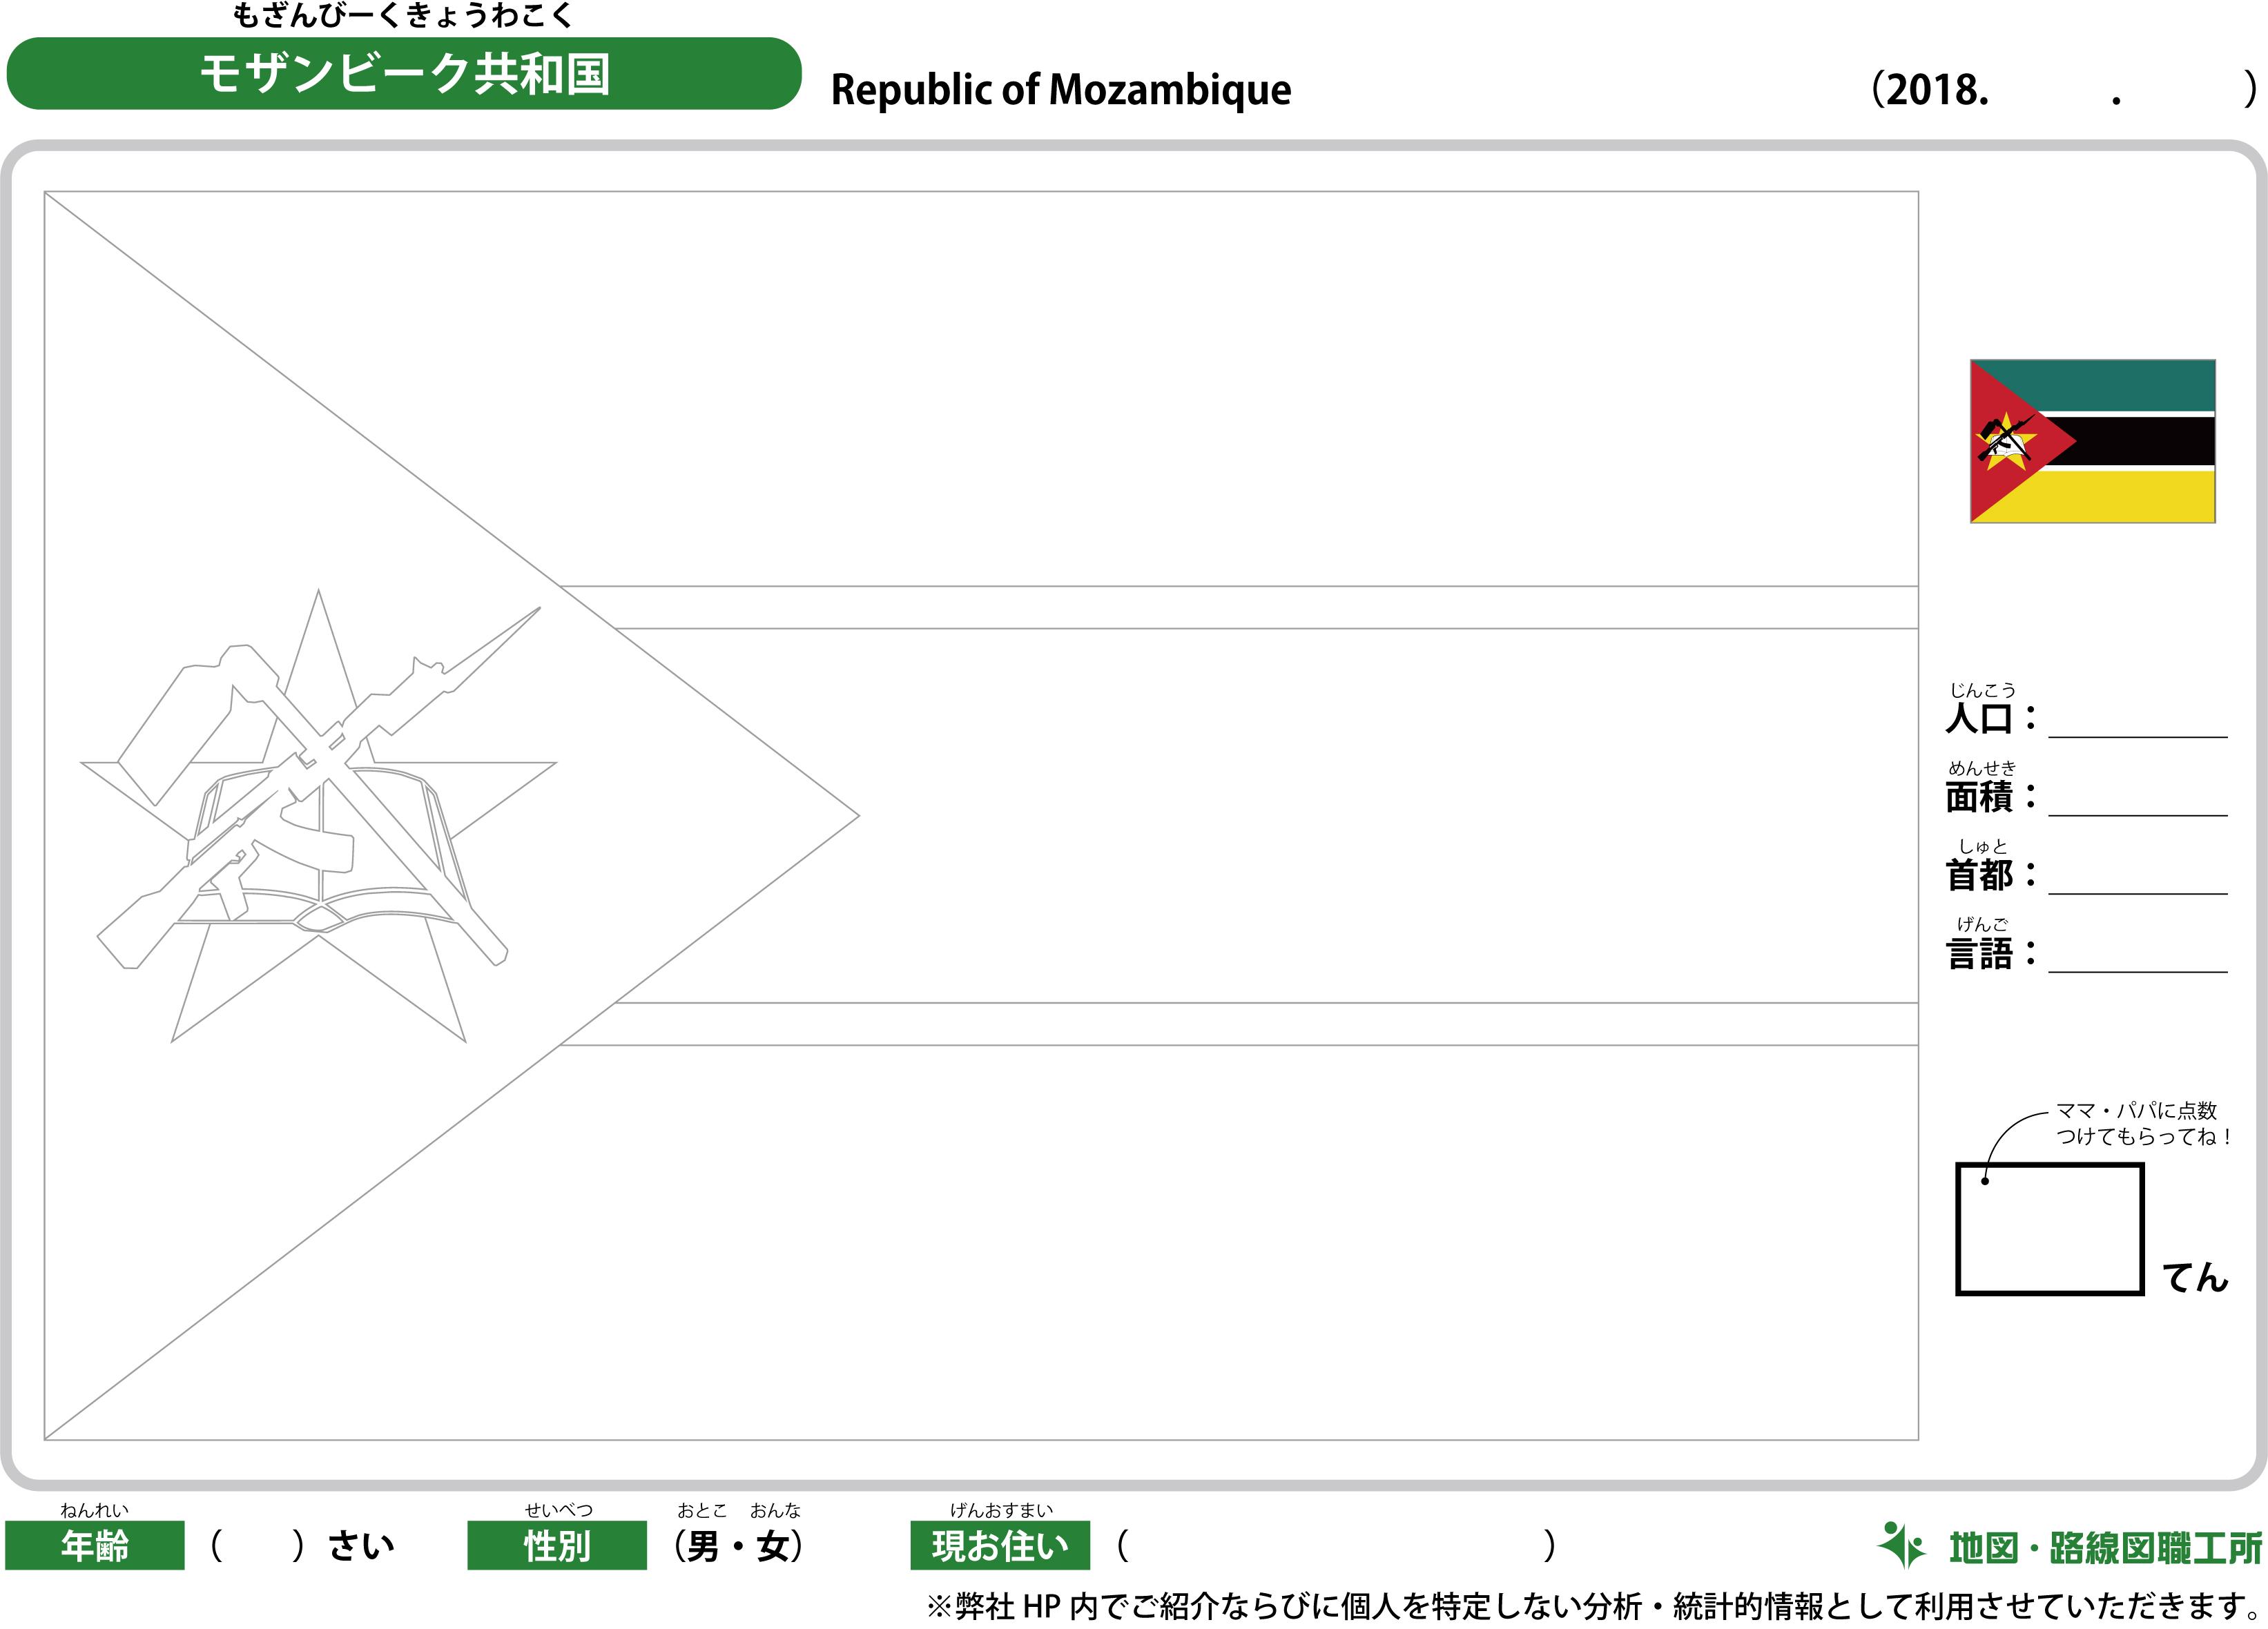 モーリシャス共和国